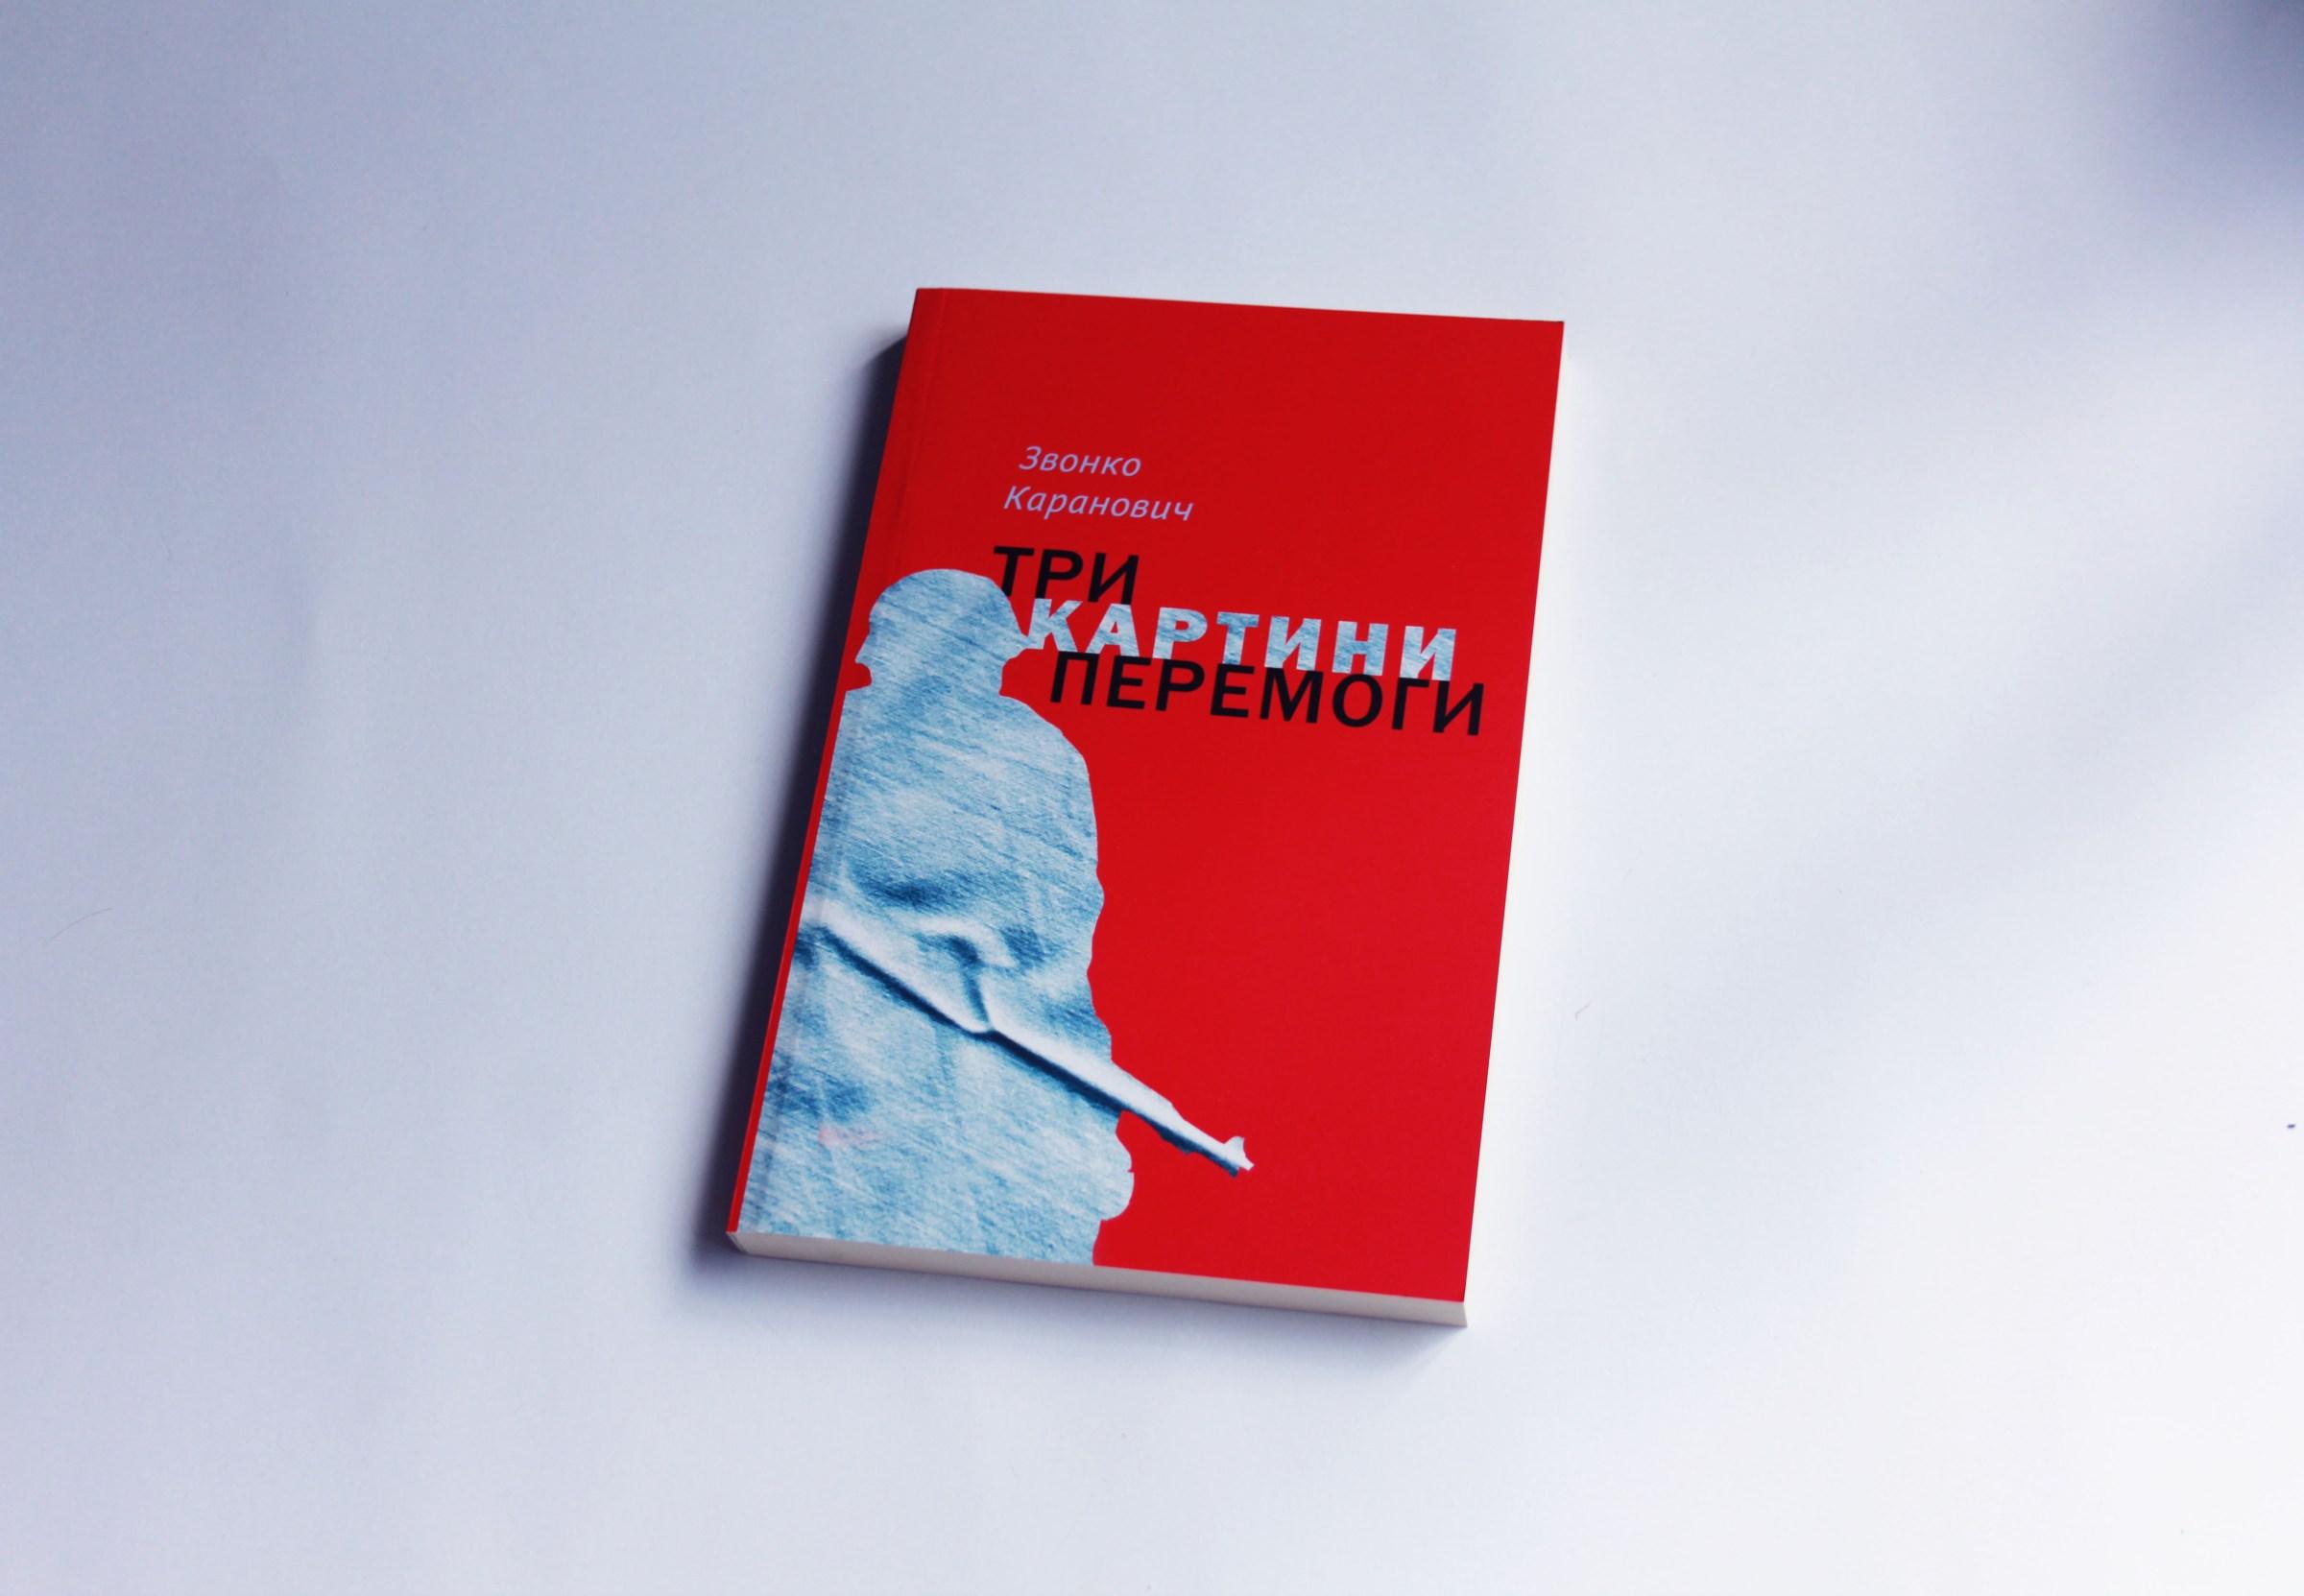 """Іронічно і контркультурно – про сербські військові травми: """"Три картини перемоги"""" Карановича"""